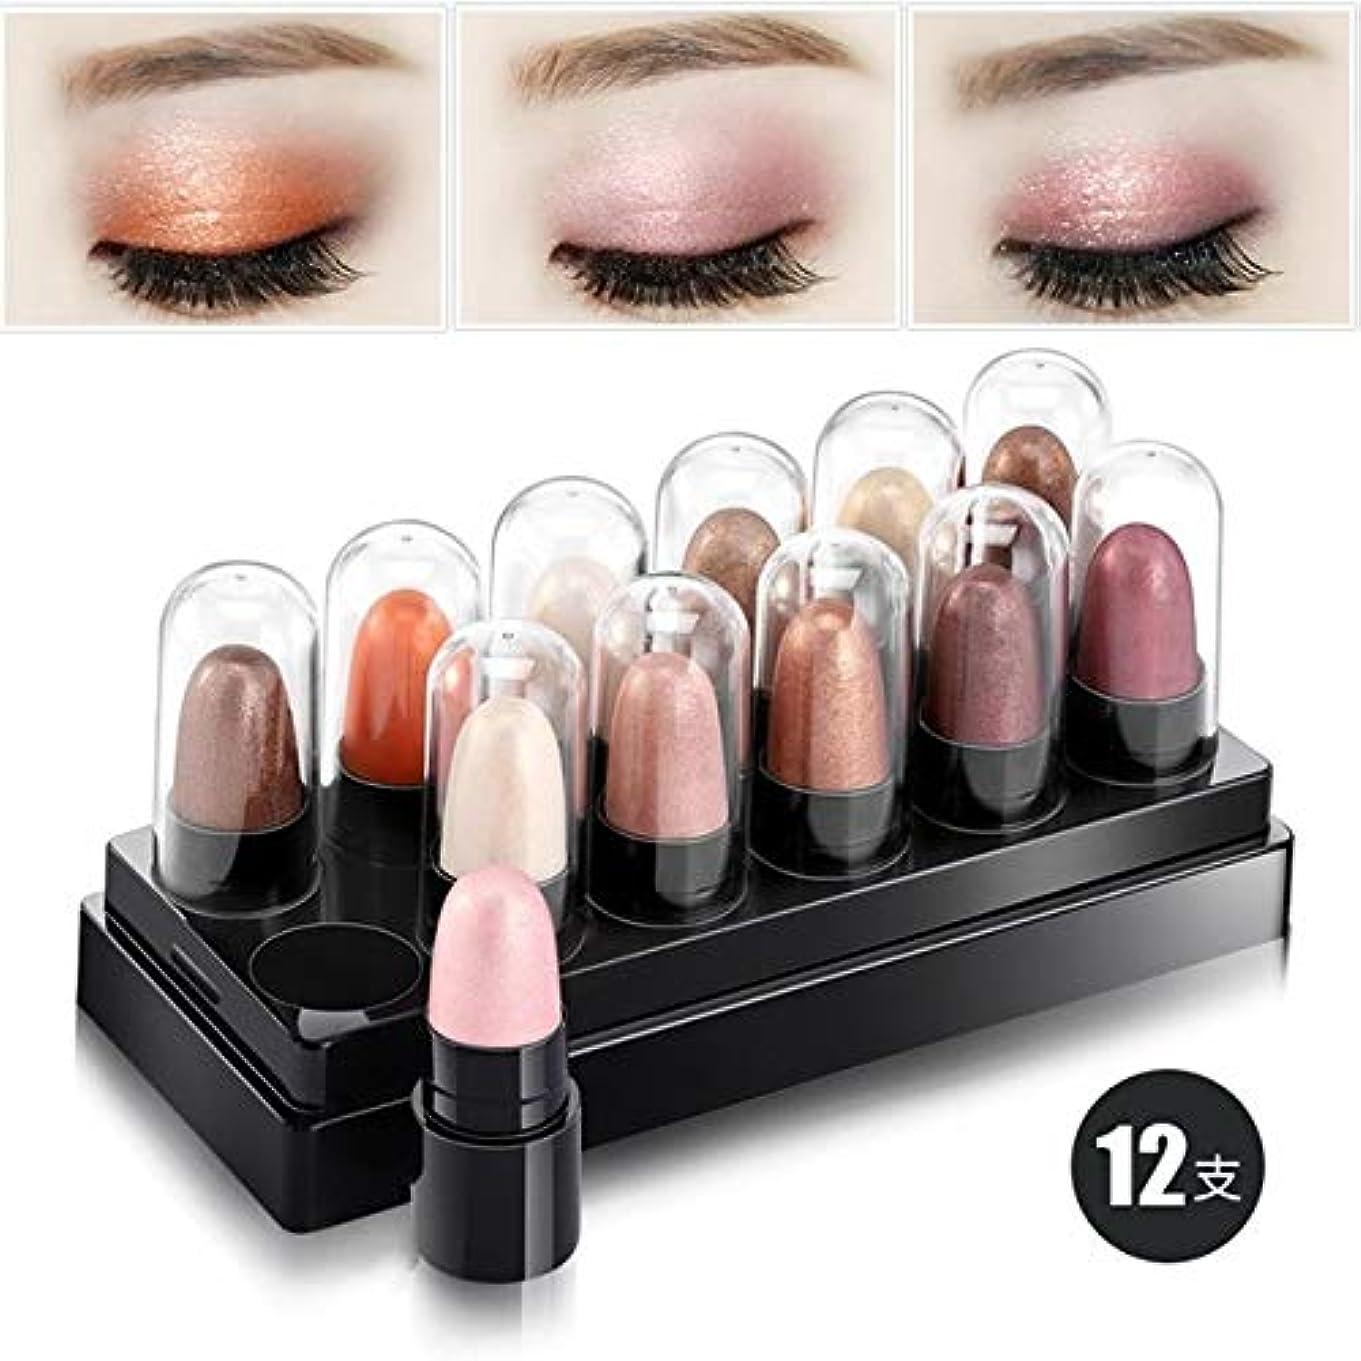 学んだレッドデート認める美容アクセサリー 12ピース/セットミニサイズムースアイシャドウペンアイシャドウペンシルアイメイクアイライナー12色オプションのメイクアップツールアイ化粧品 写真美容アクセサリー